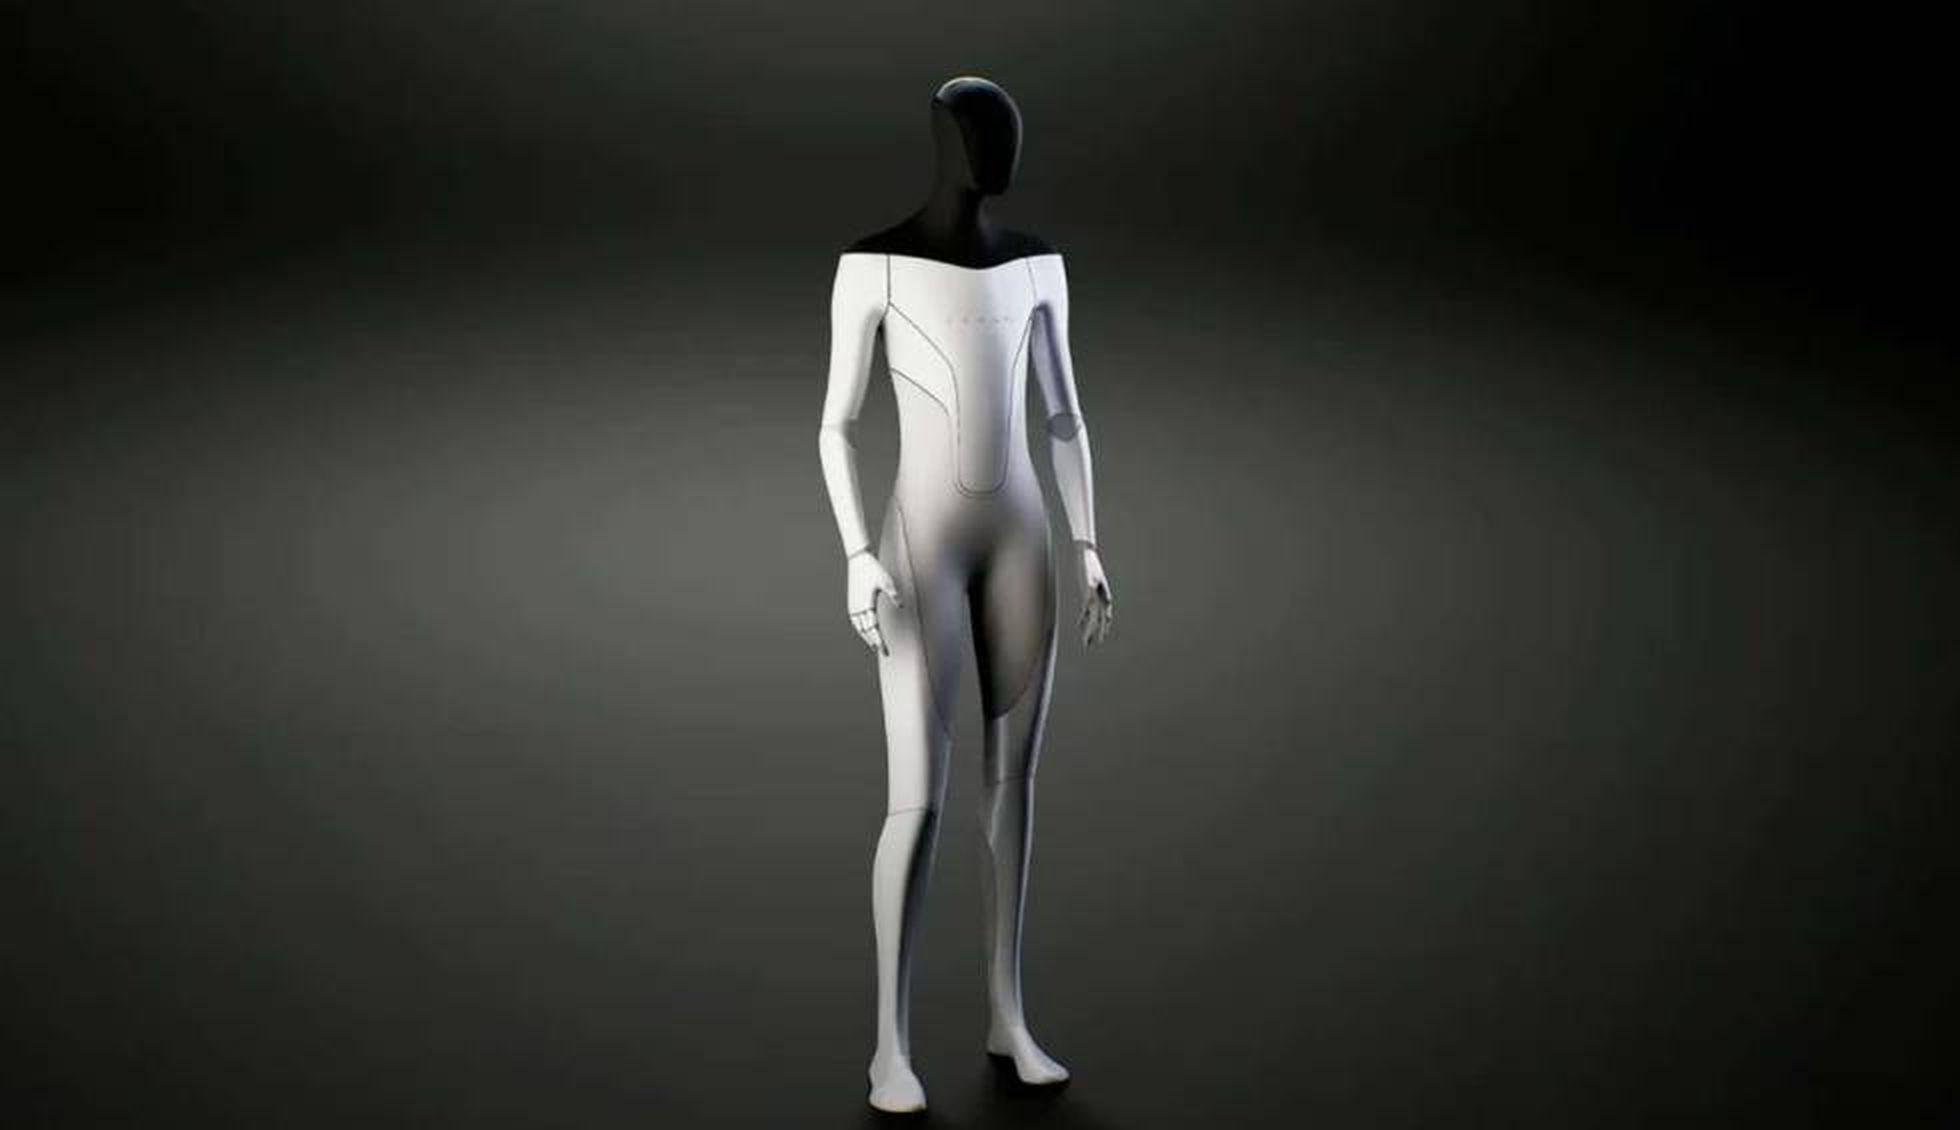 """Tesla anuncia un proyecto de robot humanoide para realizar los trabajos """"peligrosos y aburridos"""""""